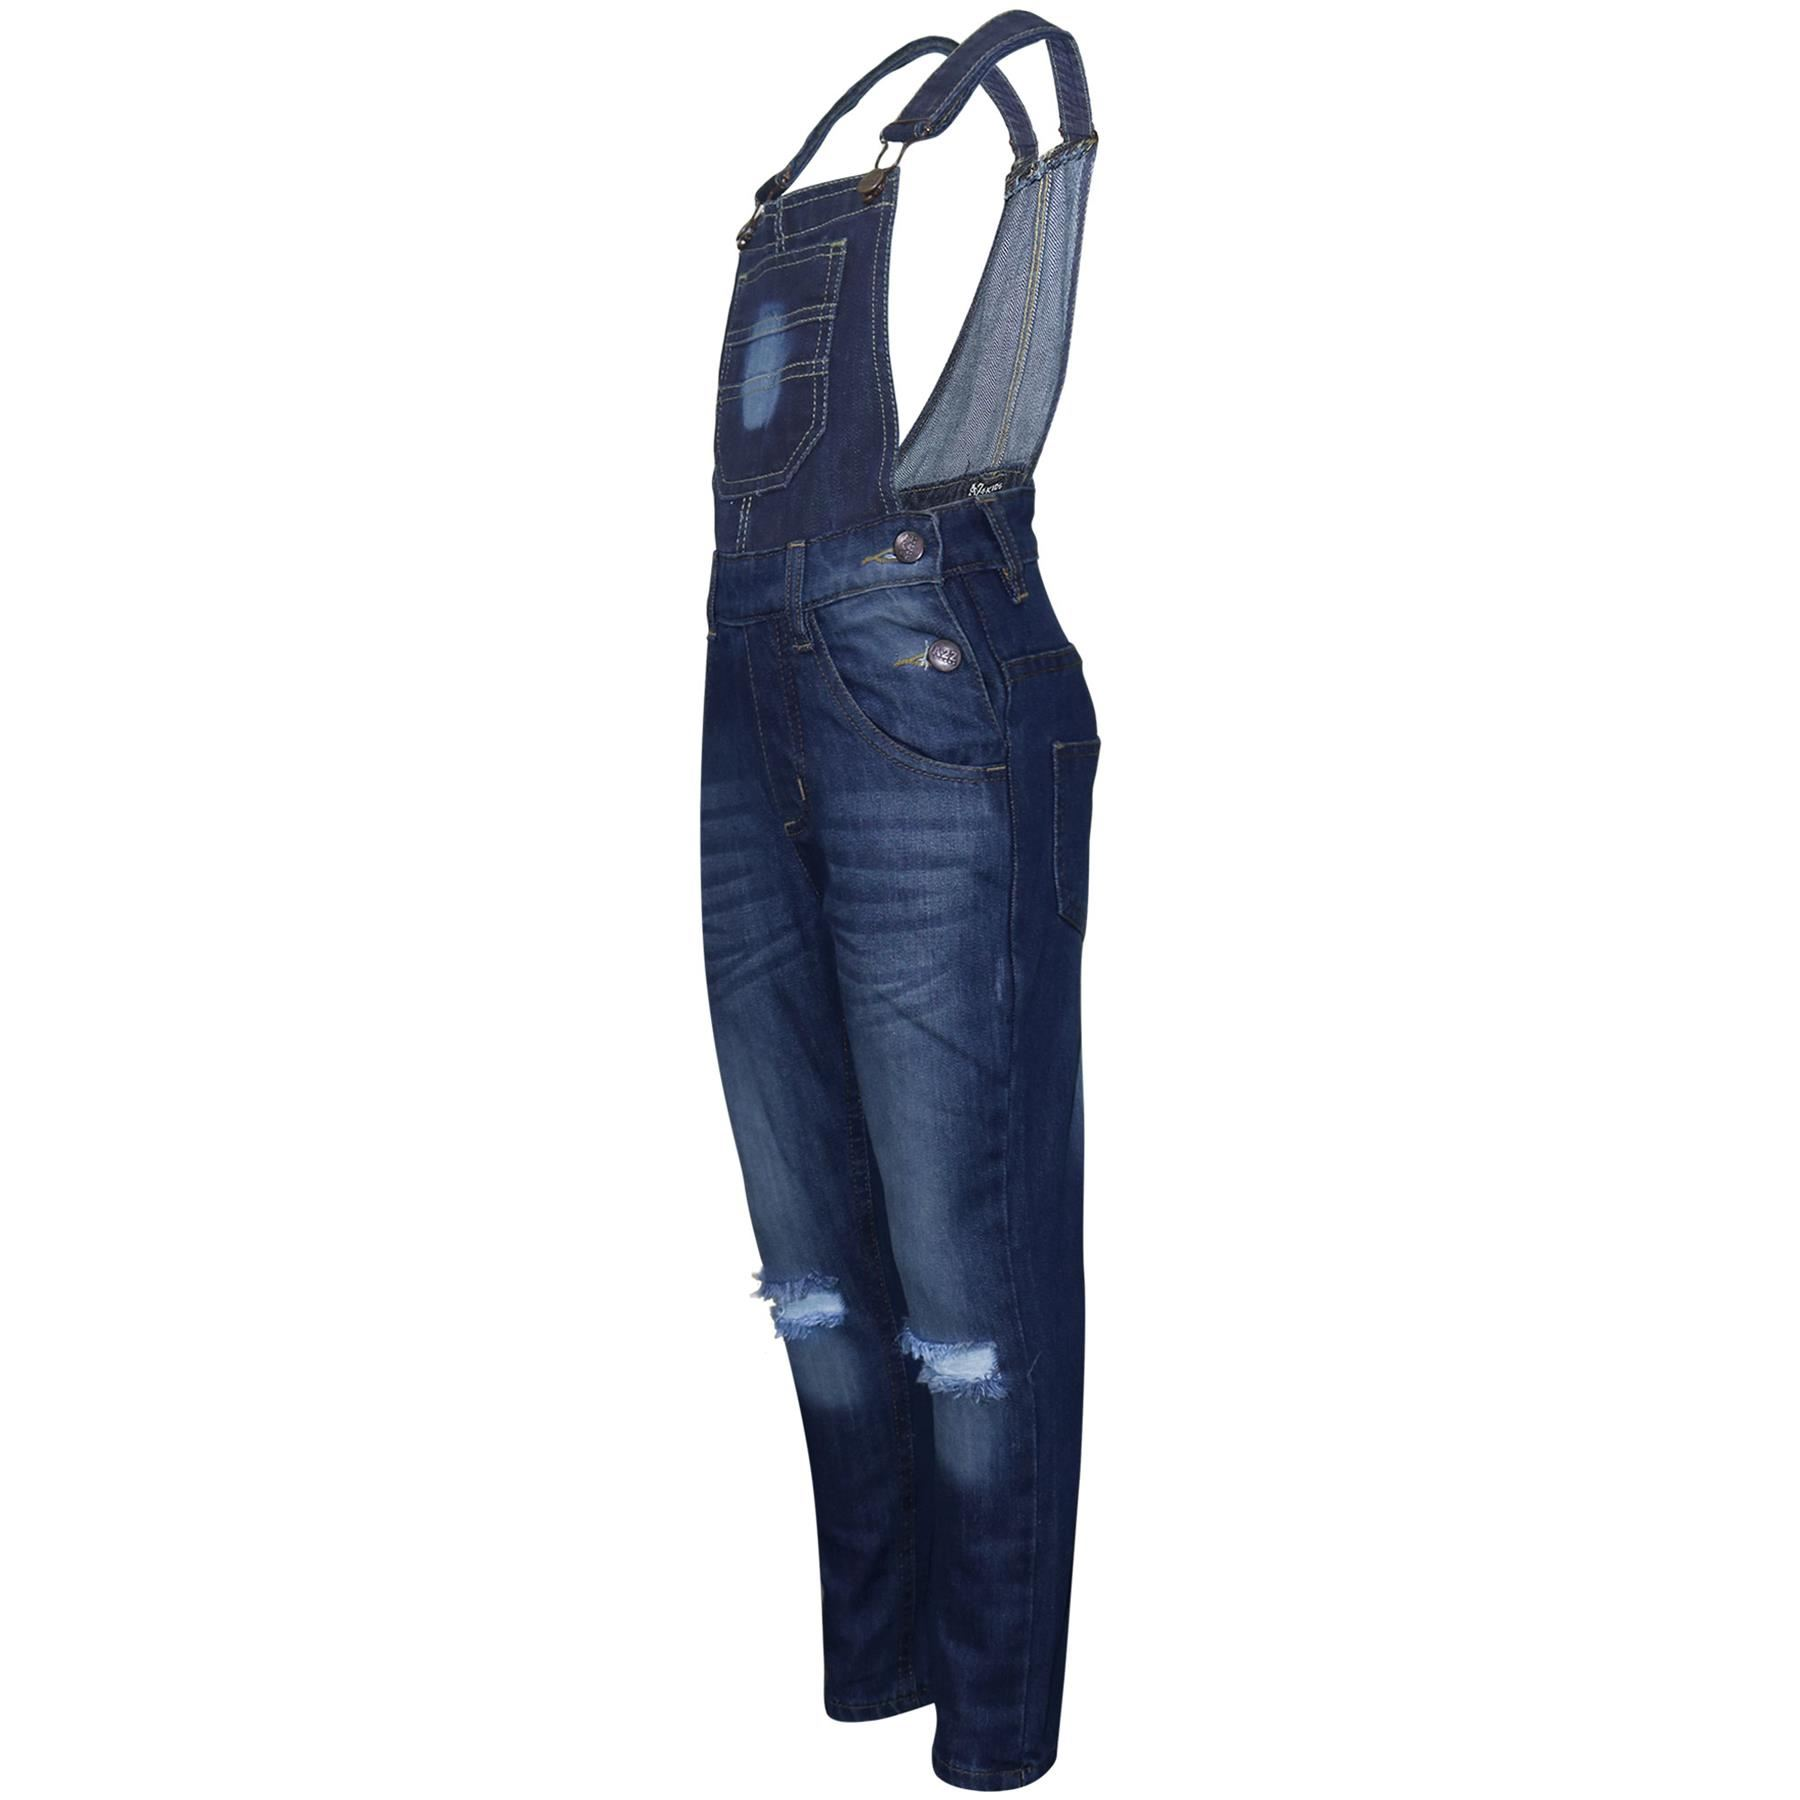 Indexbild 4 - Kinder Mädchen Denim Latzhose Knie Zerrissen Dunkelblau Jeans Overall Mode